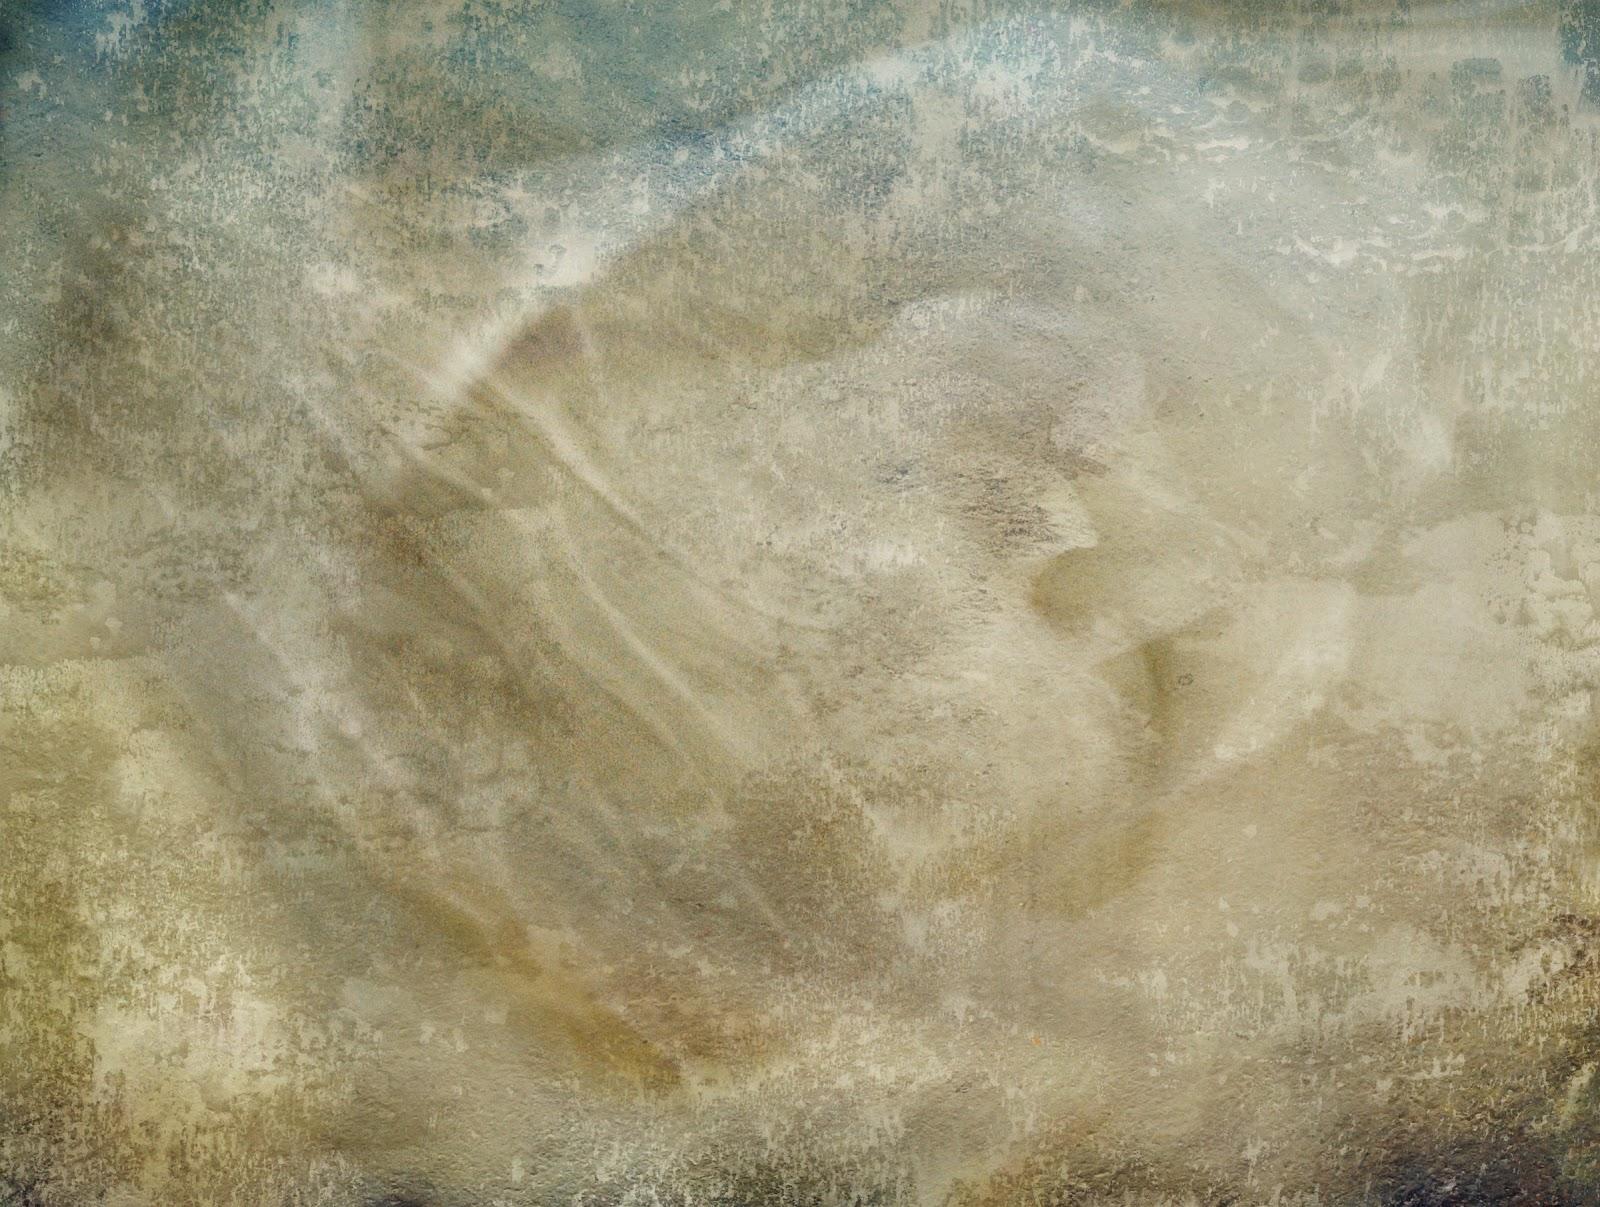 http://2.bp.blogspot.com/_jFM-Fd8NDFE/TPlN0c6Er3I/AAAAAAAALgk/Gr9ZAWBUUjQ/s1600/RusticArt-1.jpg